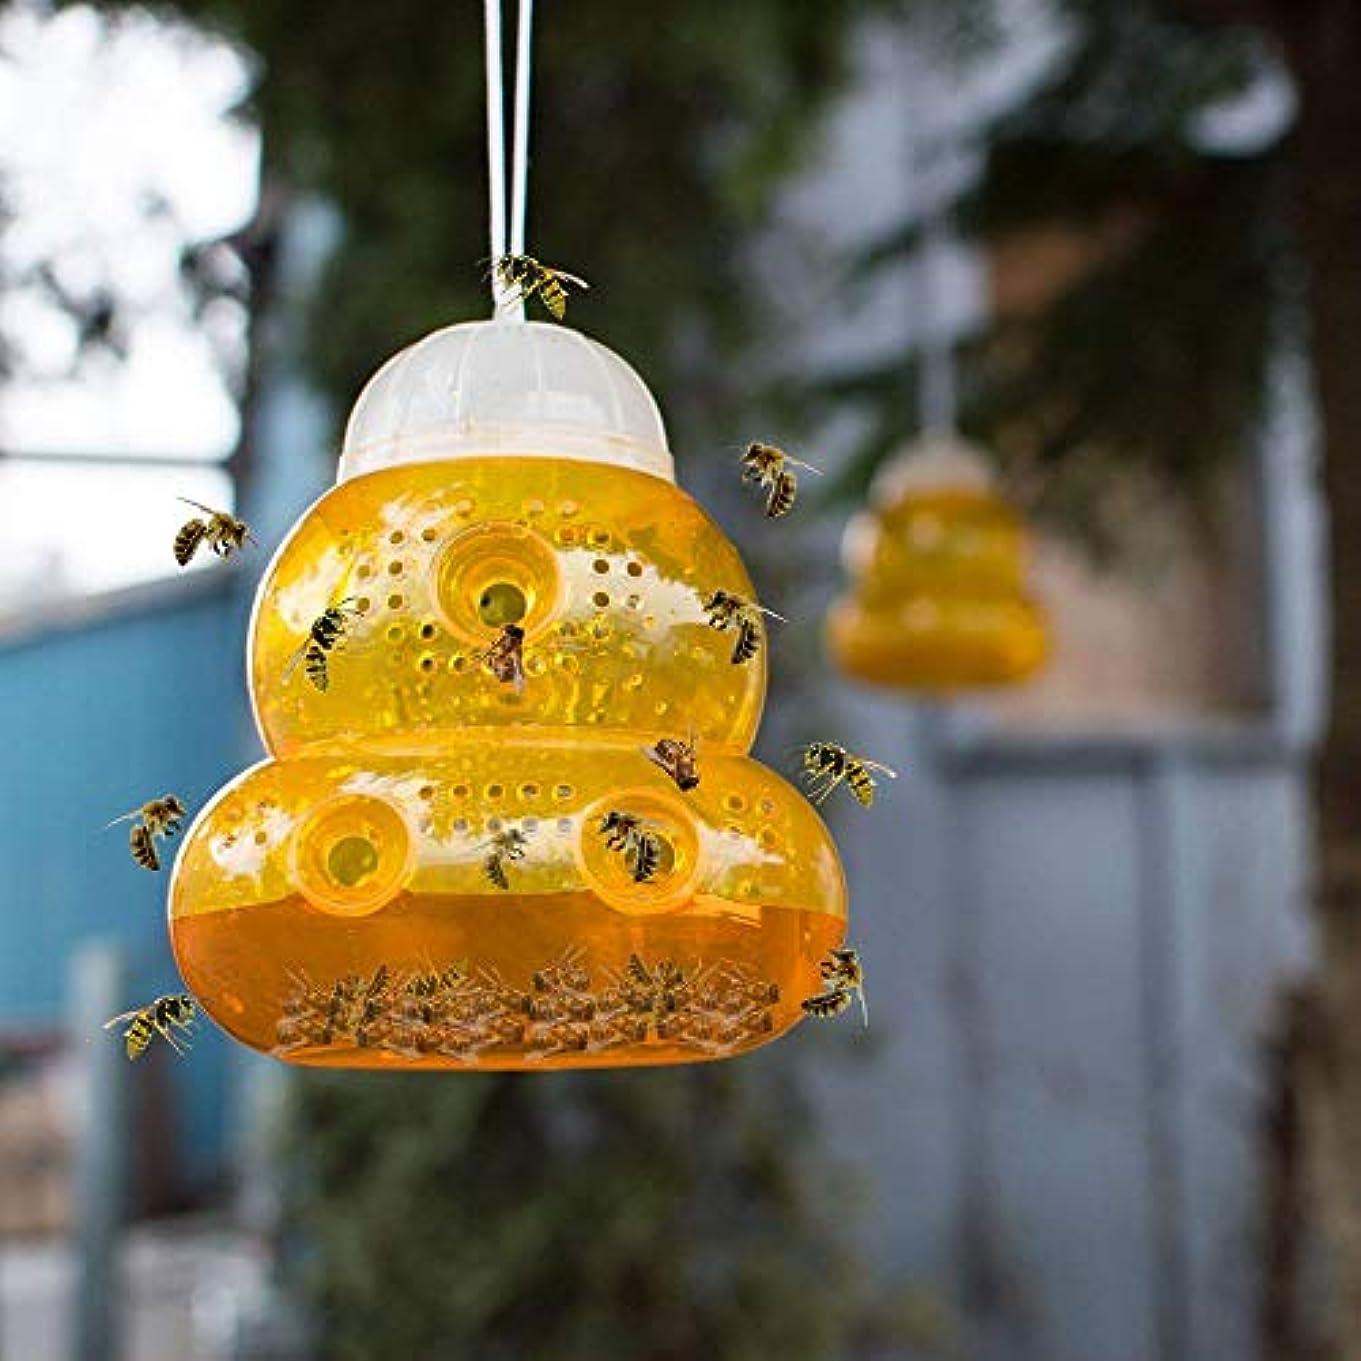 お誕生日側不足Uamaze 2パックスズメバチトラップスズメバチ黄色のジャケットスズメバチ忌避剤スズメバチトラップ蜂キャッチャー、迷惑な昆虫のアブラムシの蚊を防ぐ、軒のデッキ密な木の天蓋屋外エリアバーベキュープールパーティー家族一緒に利用できる